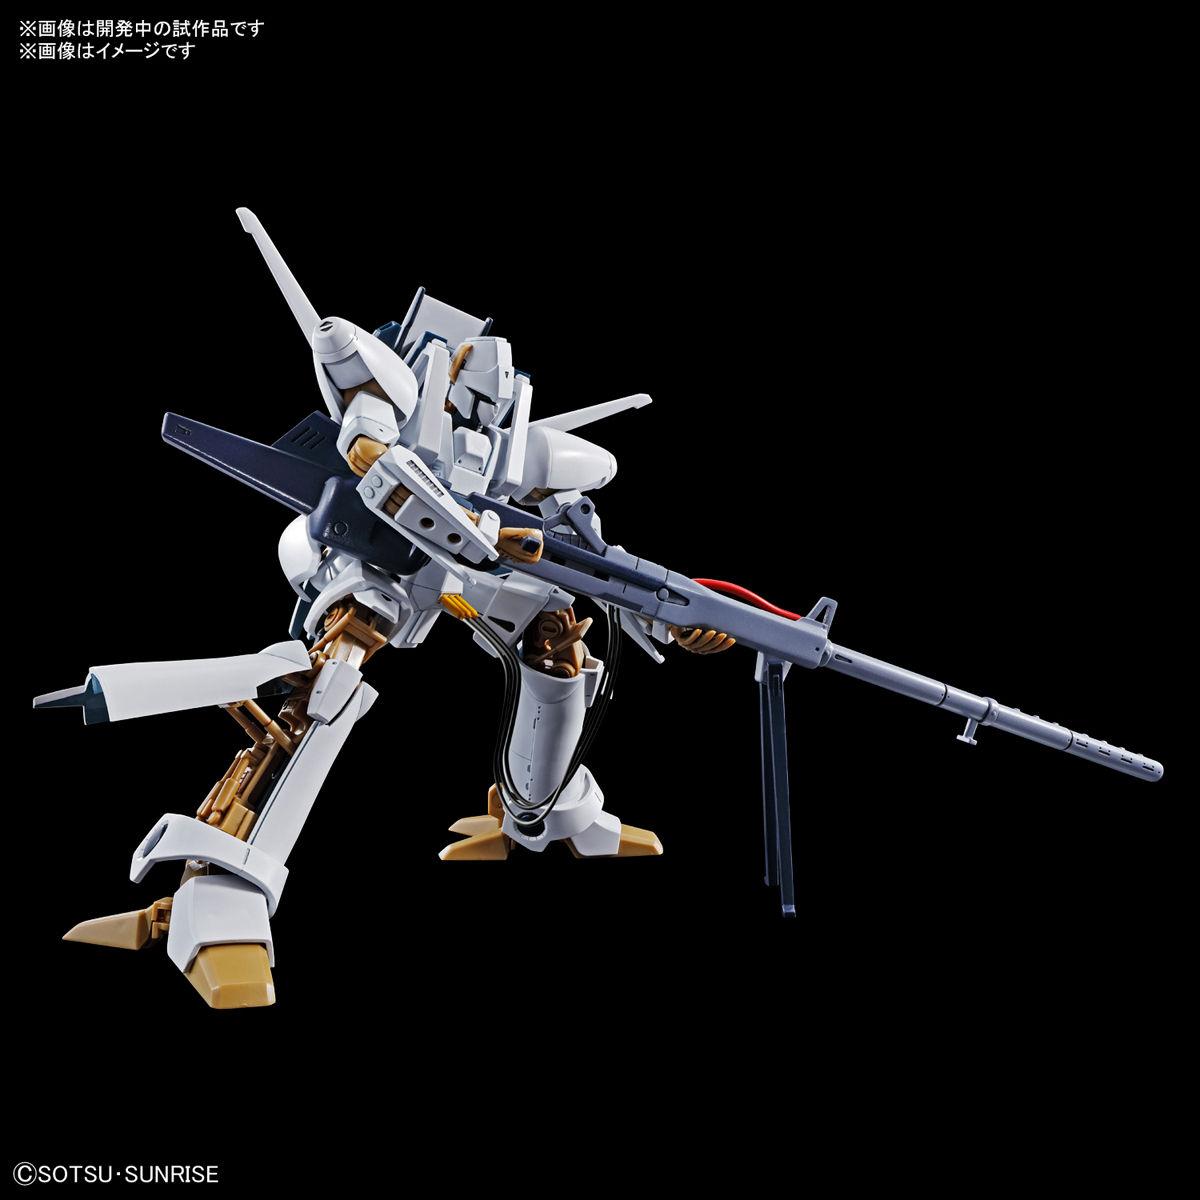 HG 1/144『エルガイム』重戦機エルガイム プラモデル-005